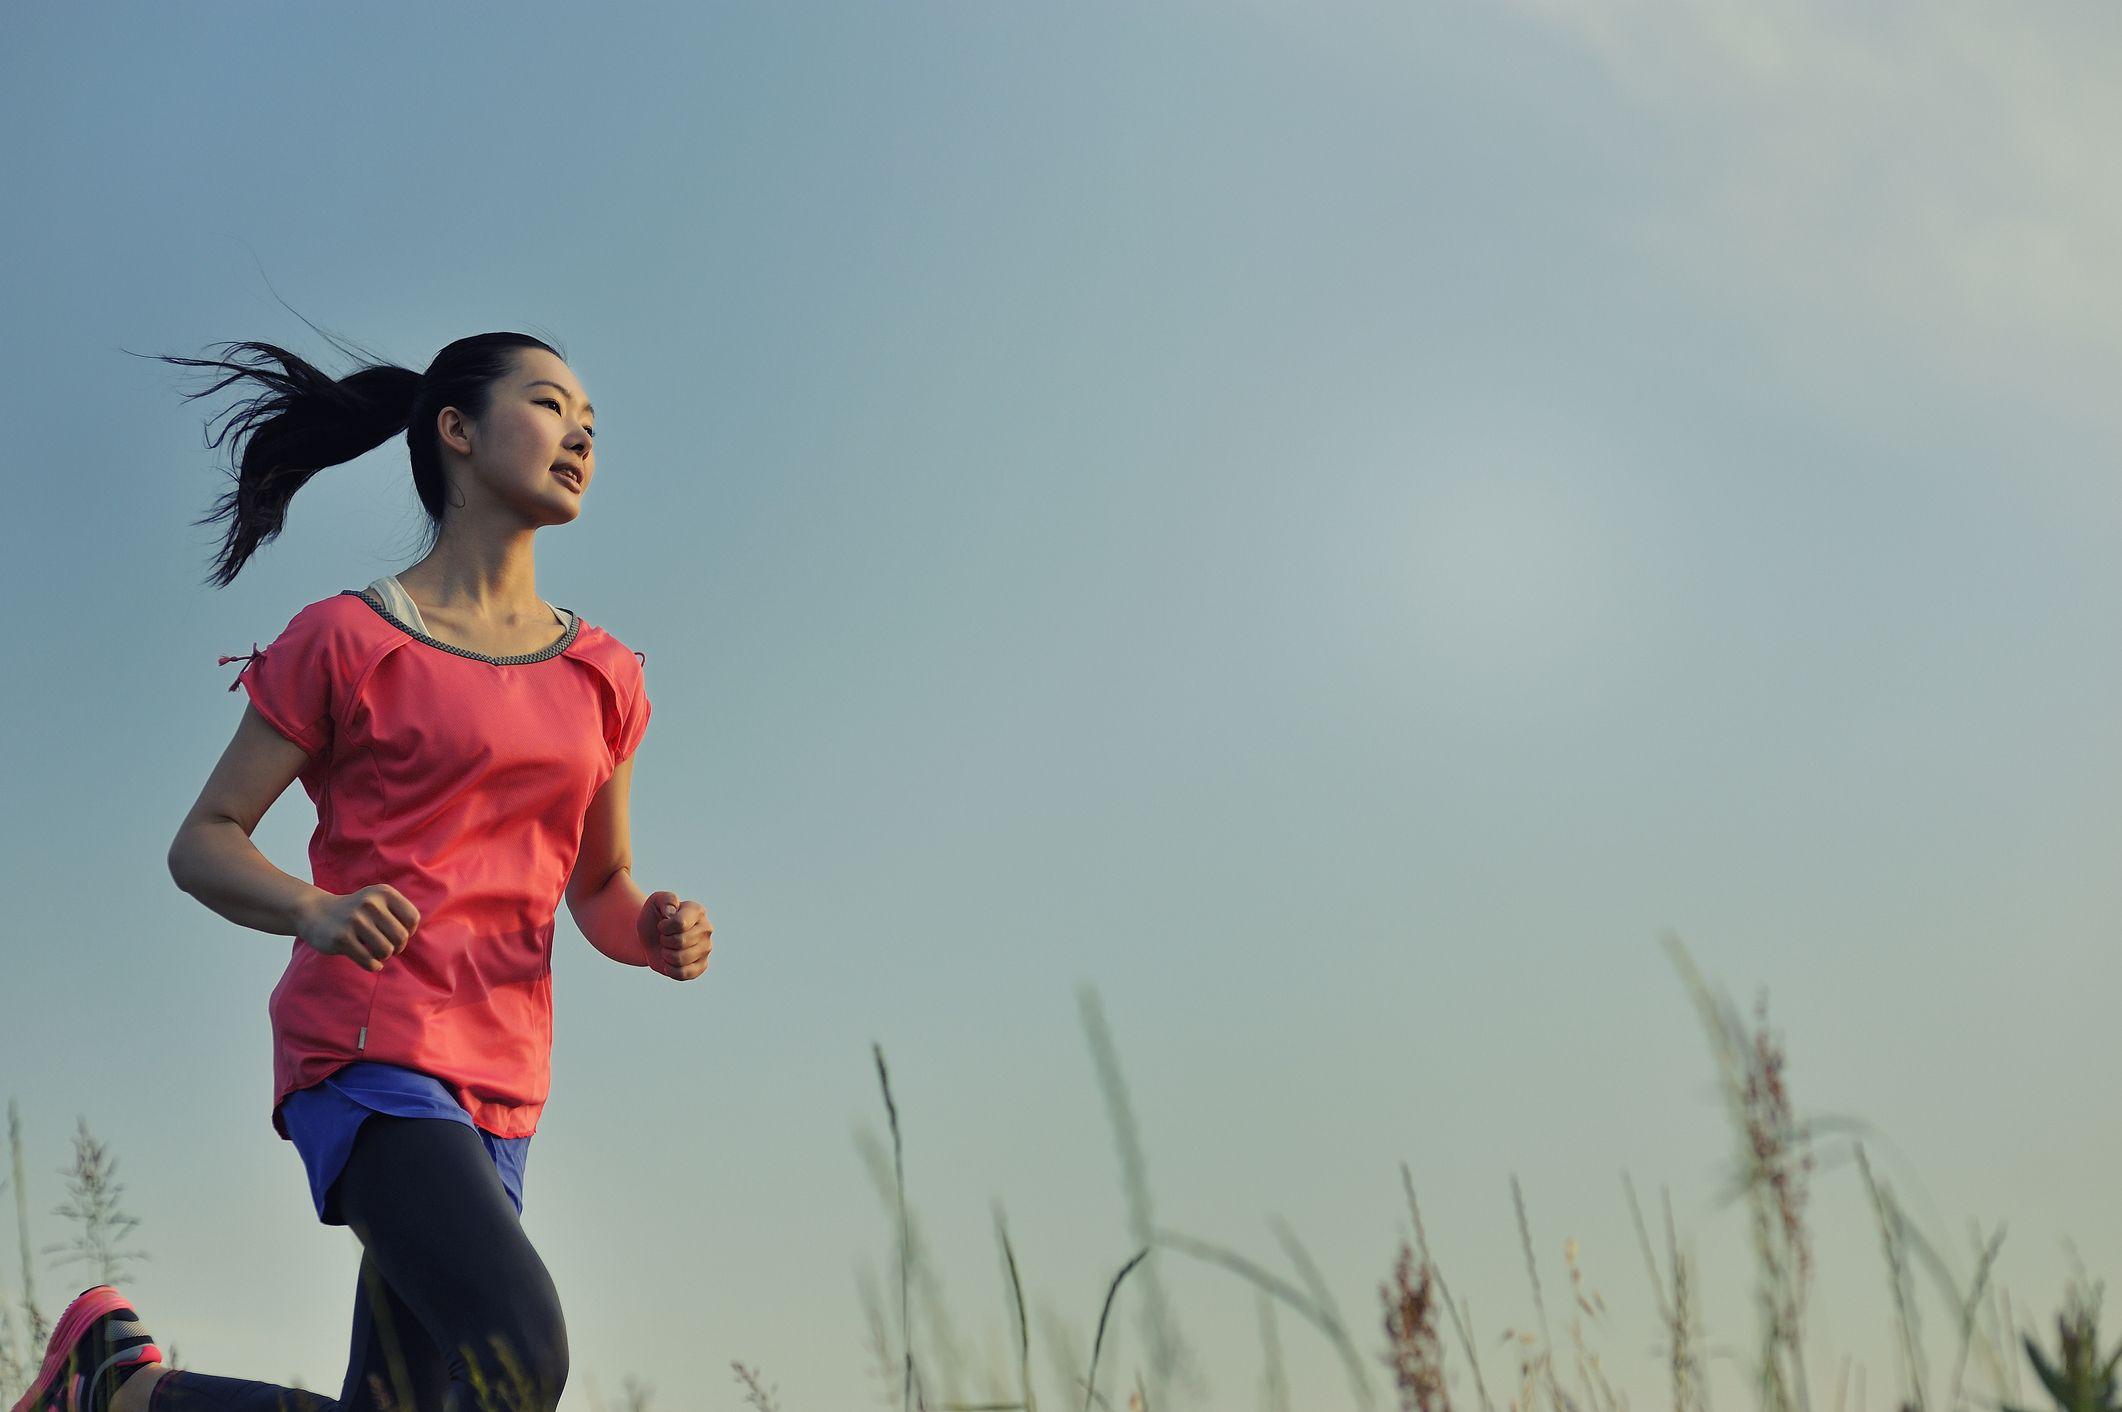 Αθλητισμός: H άσκηση μας φέρνει ένα βήμα πιο κοντά στην ευτυχία [vid]